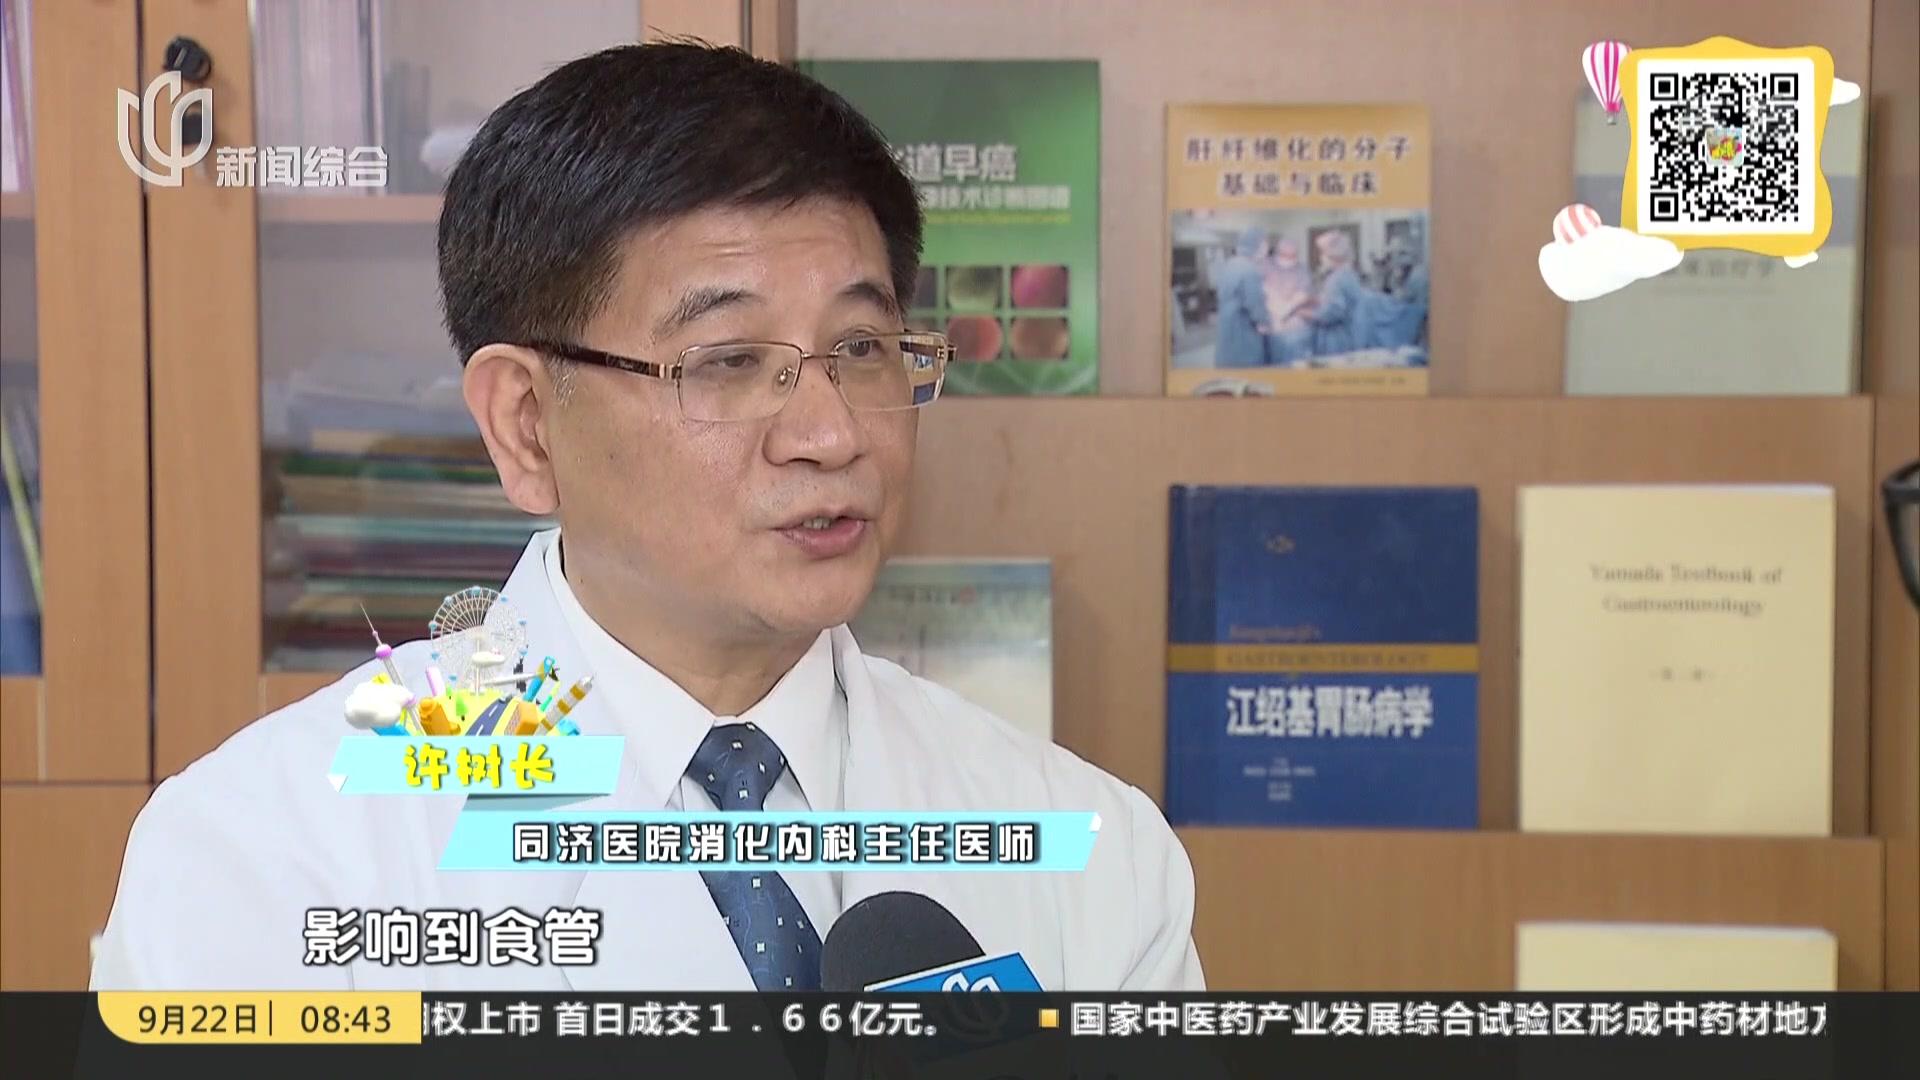 晨间门诊室:节日到来管住嘴——警惕胃食管反流病